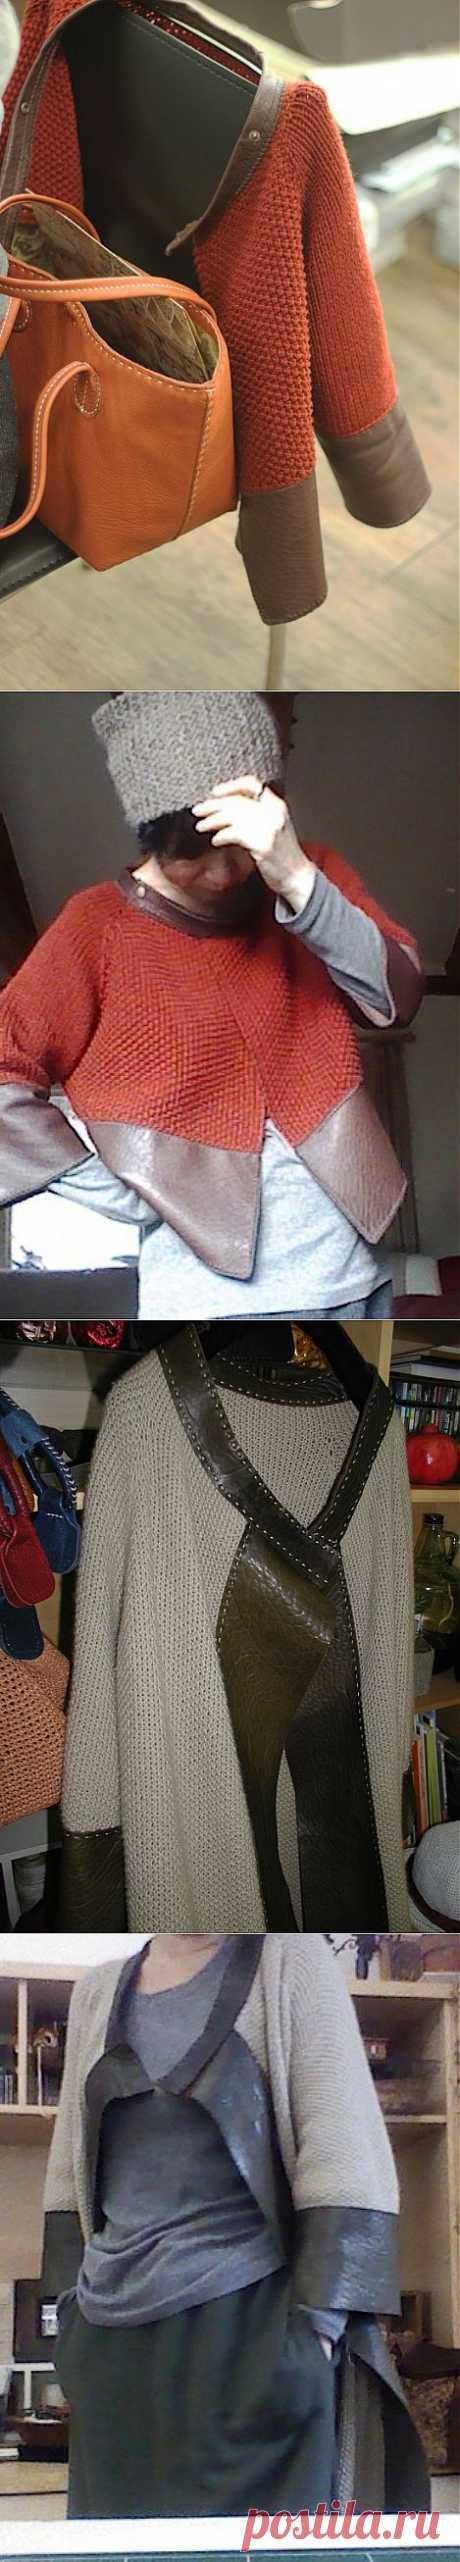 Вязаные кардиганы с кожаным декором / Вязание /